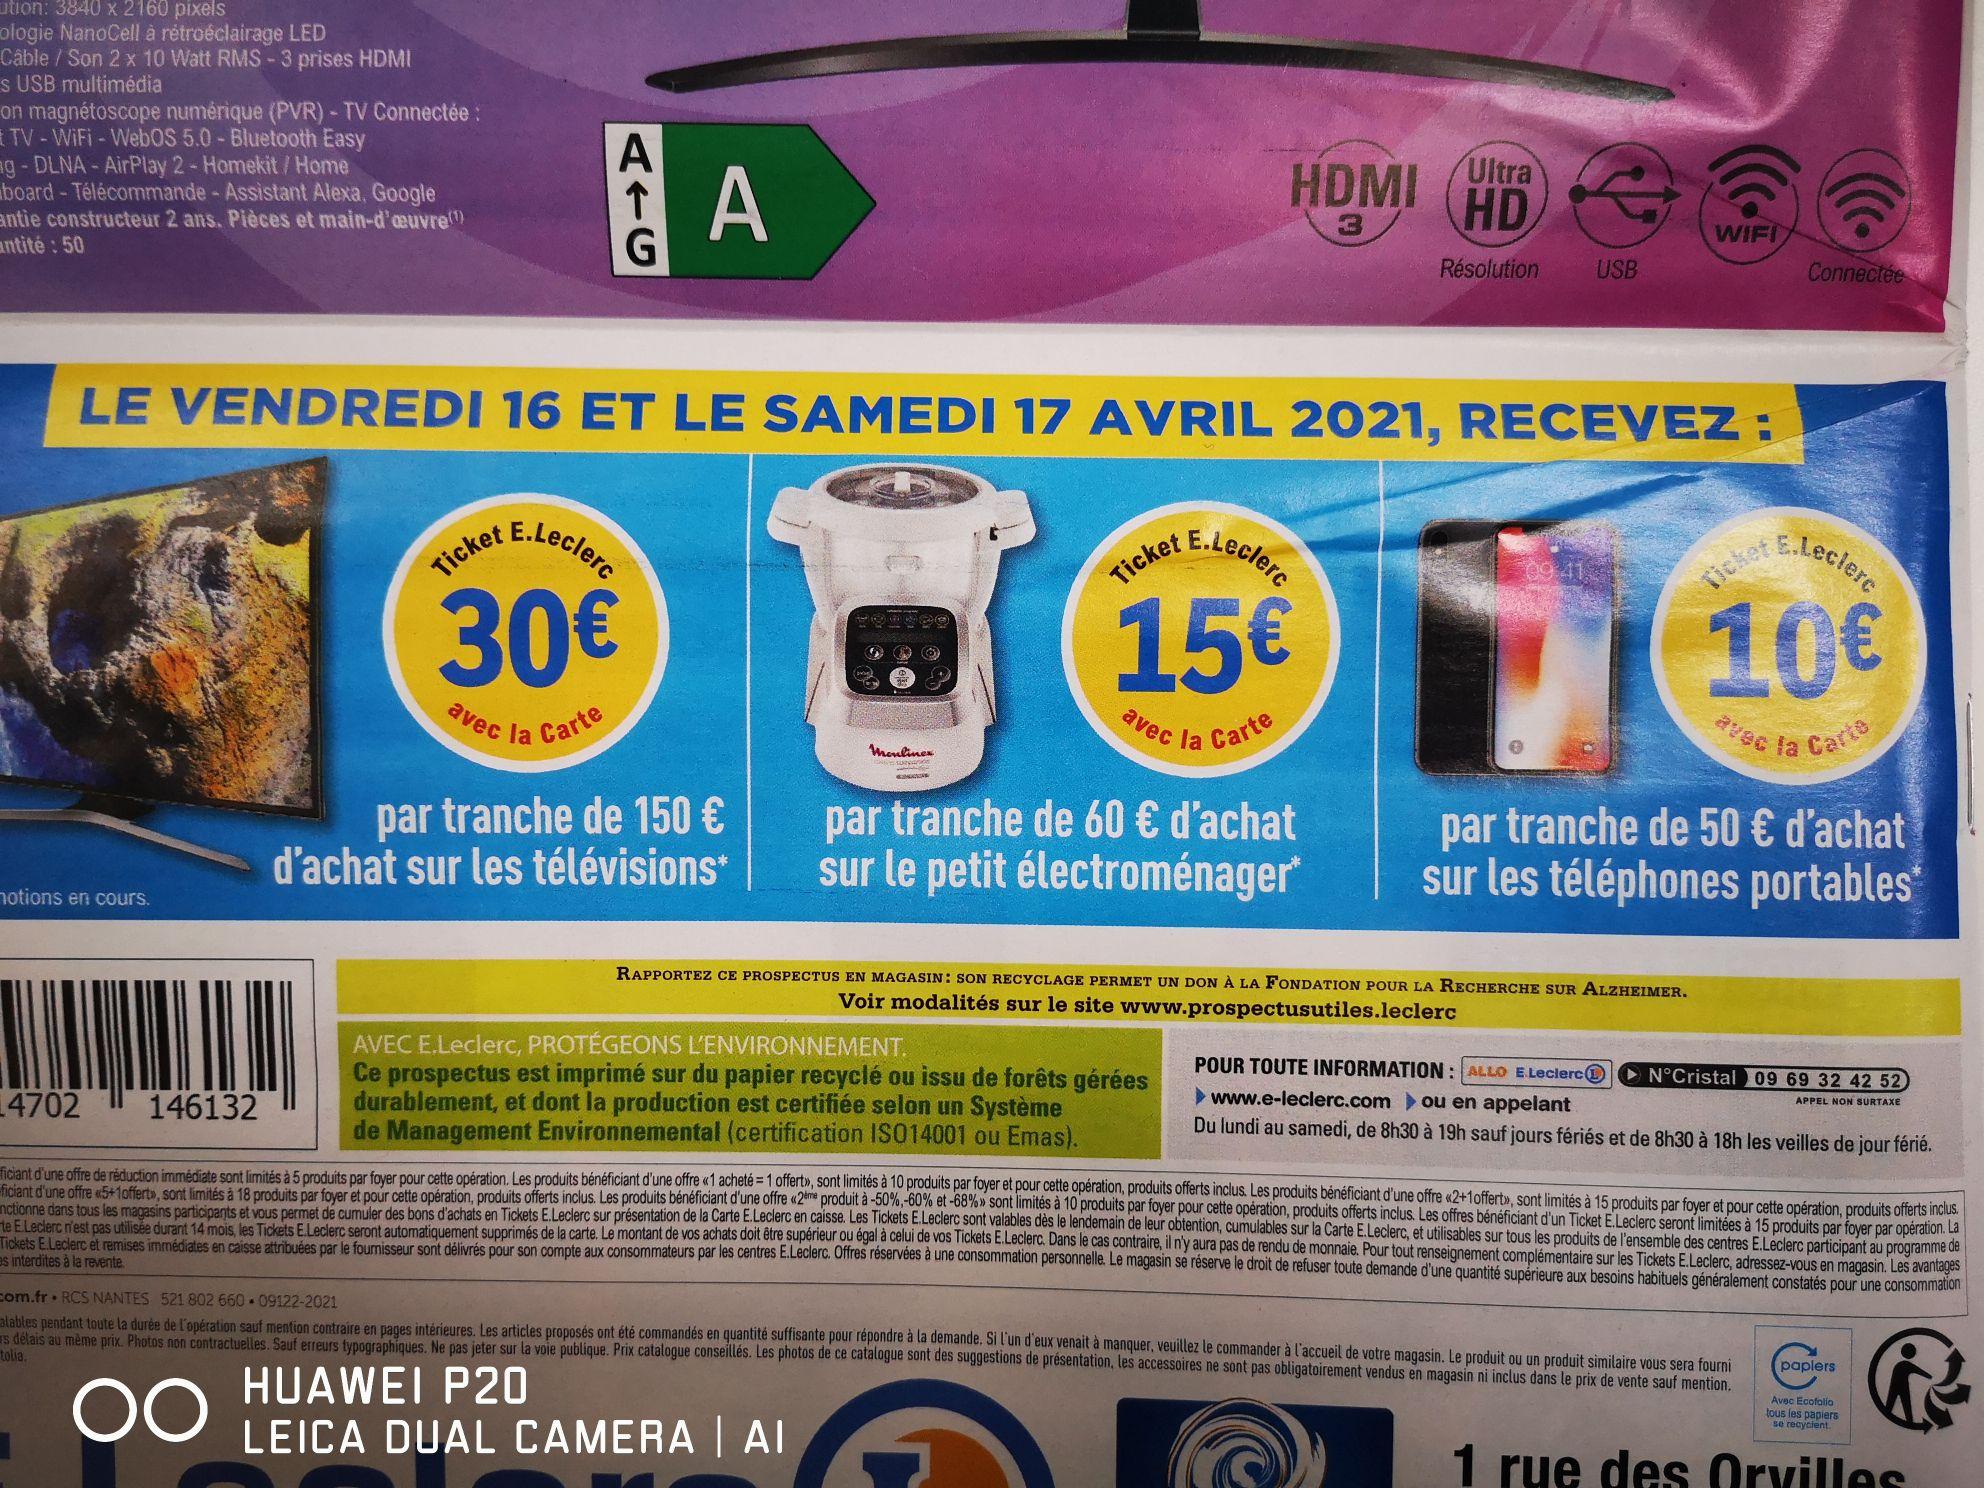 Sélection d'offres promotionnelles - Ex: 30€ crédités sur le compte fidélité par tranche de 150€ d'achat sur les TV - Barjouville (28)